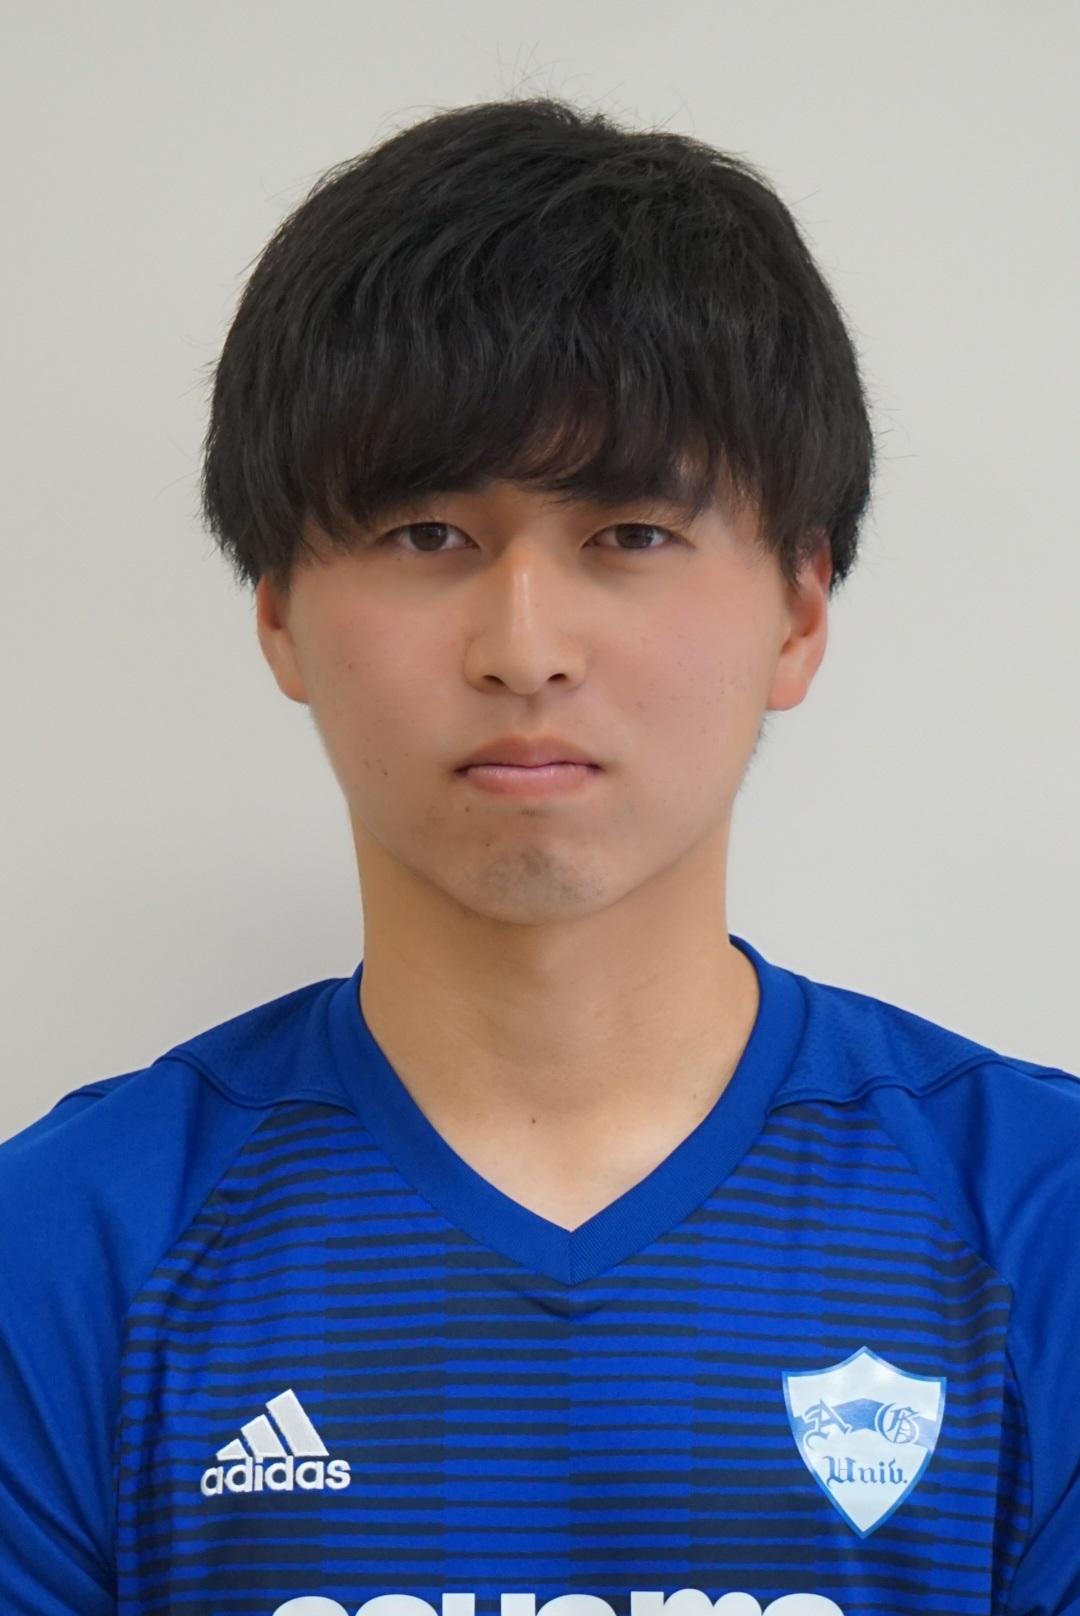 斎藤 優貴(サイトウ ユウキ)